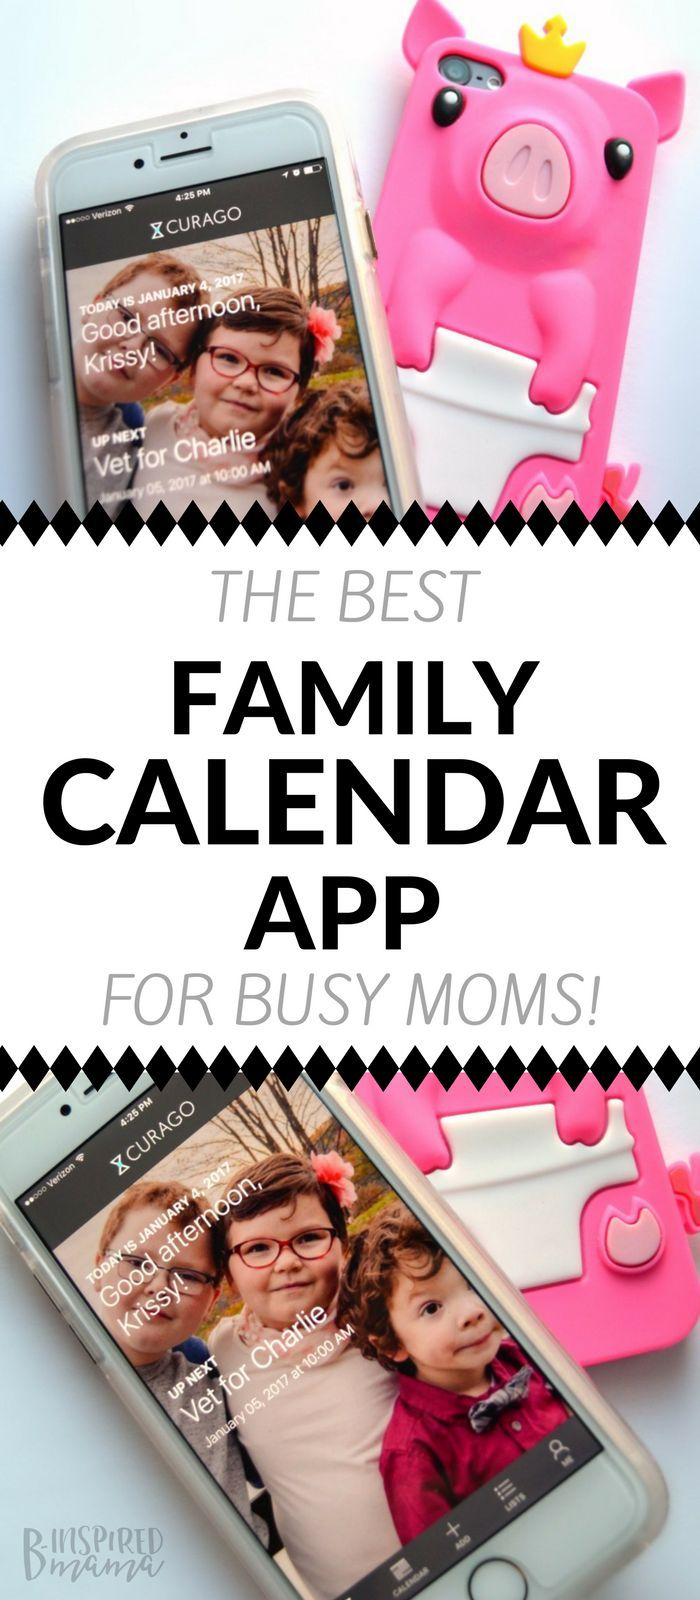 The Best Family Calendar App for Busy Moms Best family